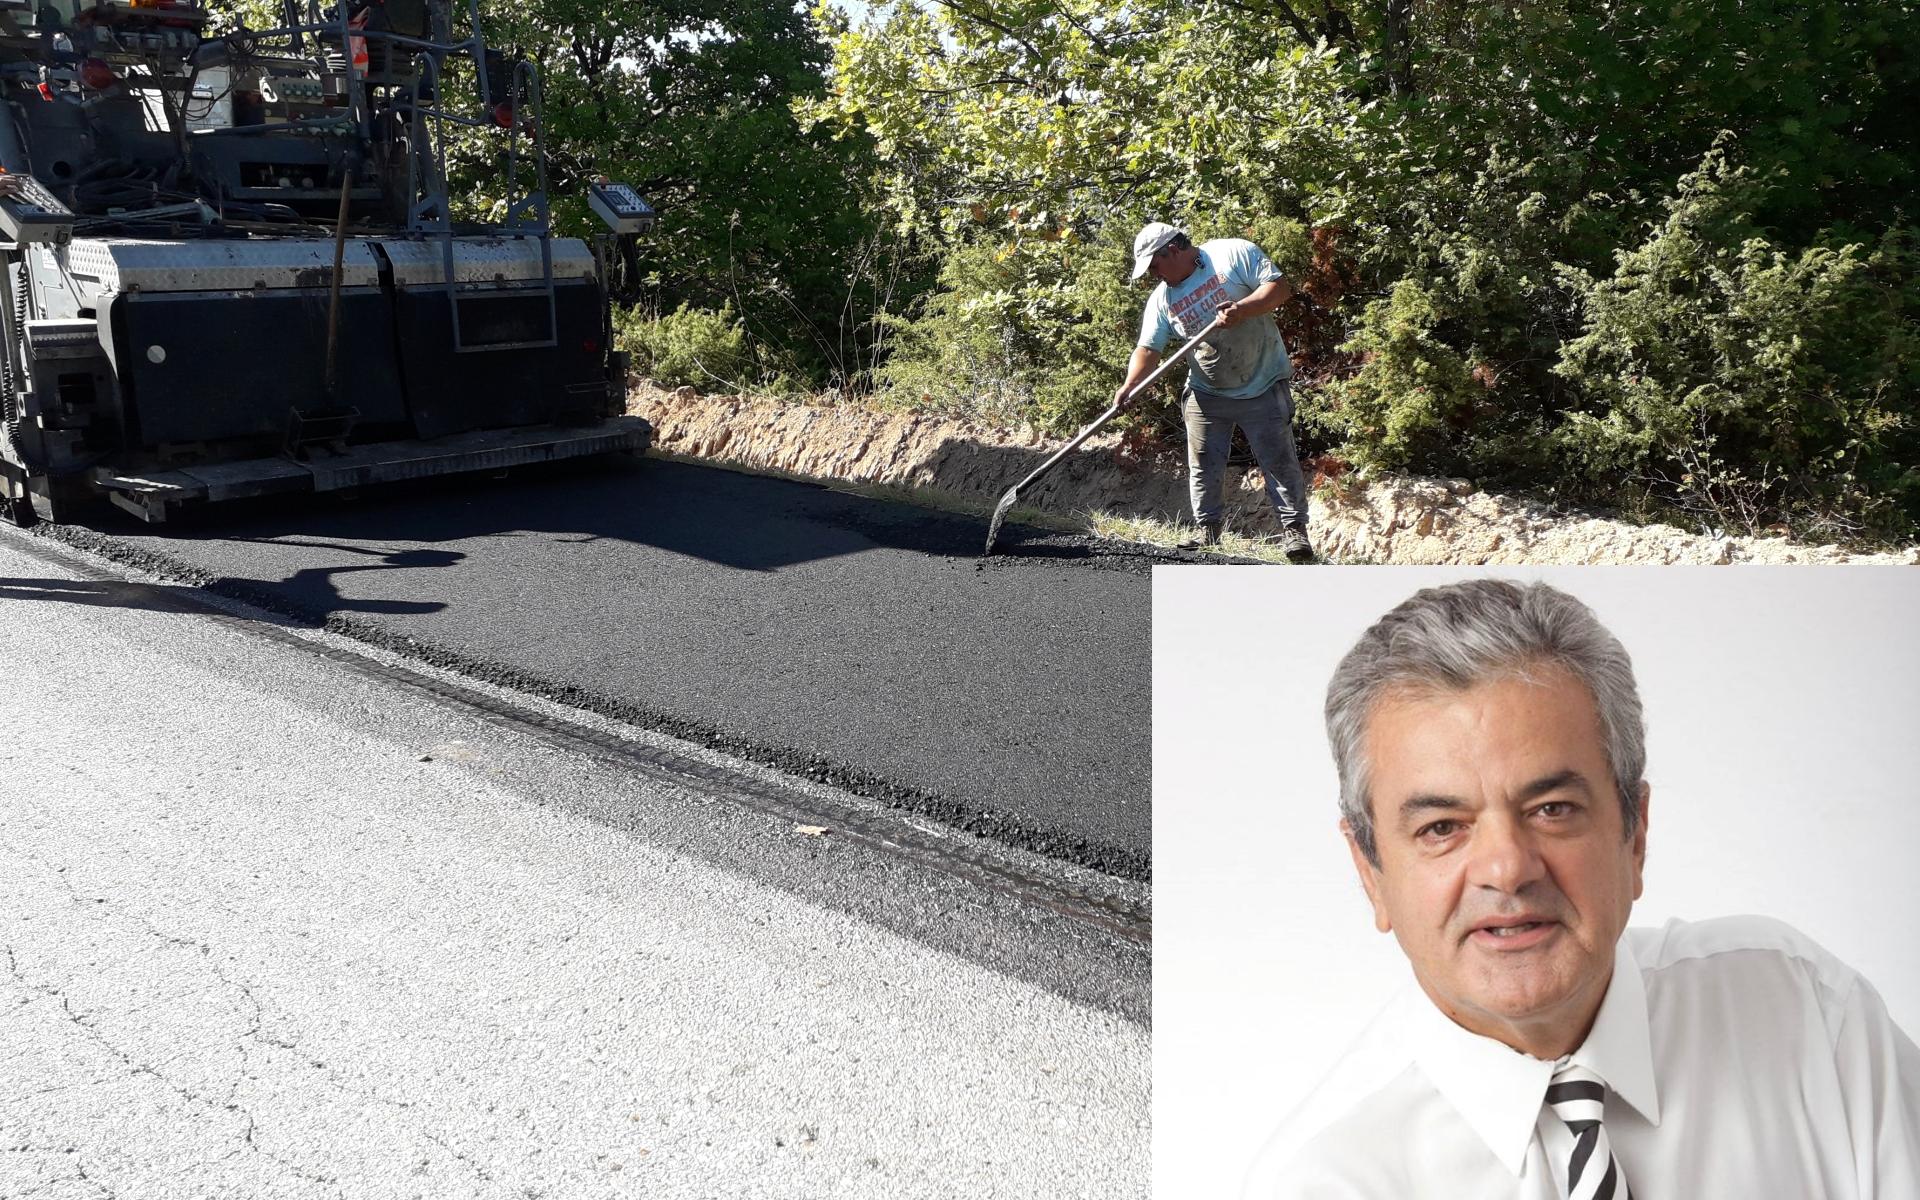 1.785.000,00 € για εκτενή Συντήρηση-Βελτίωση του Επαρχιακού Οδικού δικτύου του Βοΐου